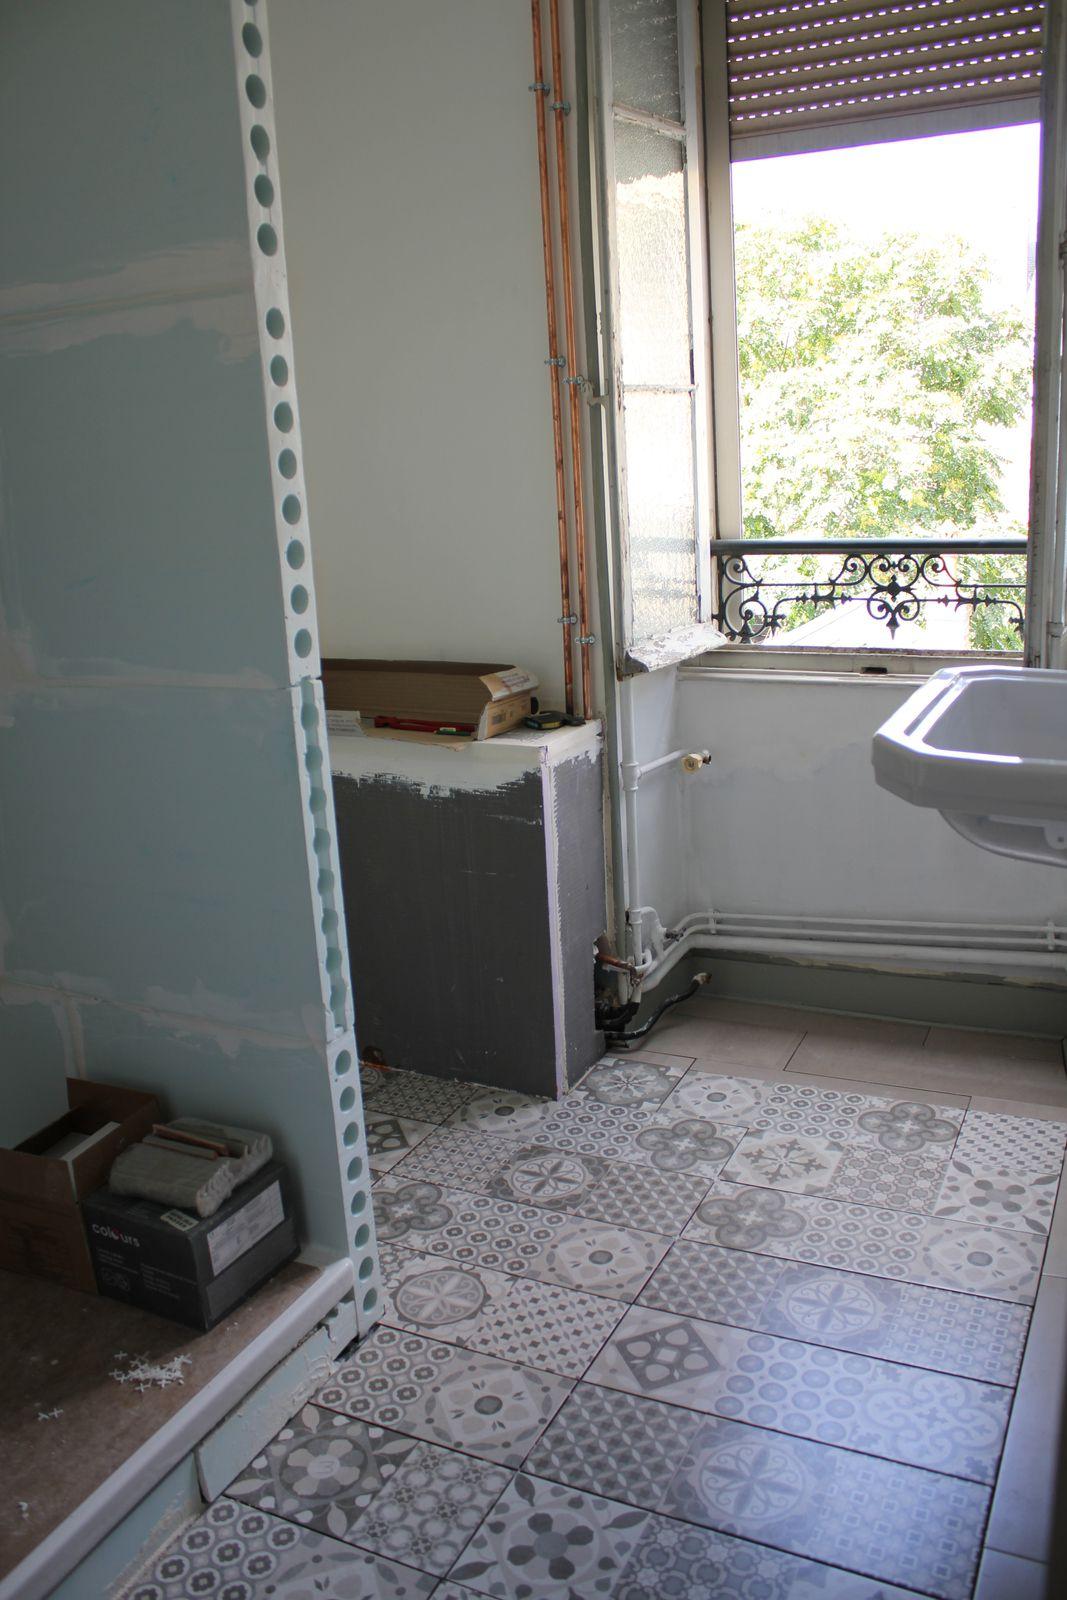 La salle d'eau du milieu a bien changé : paroi de douche, coffrage pour masquer toute la tuyauterie qui se retrouve là et le conduit des toilettes, carrelage au sol. Il reste beaucoup de finitions à faire, mais on tient le bon bout.